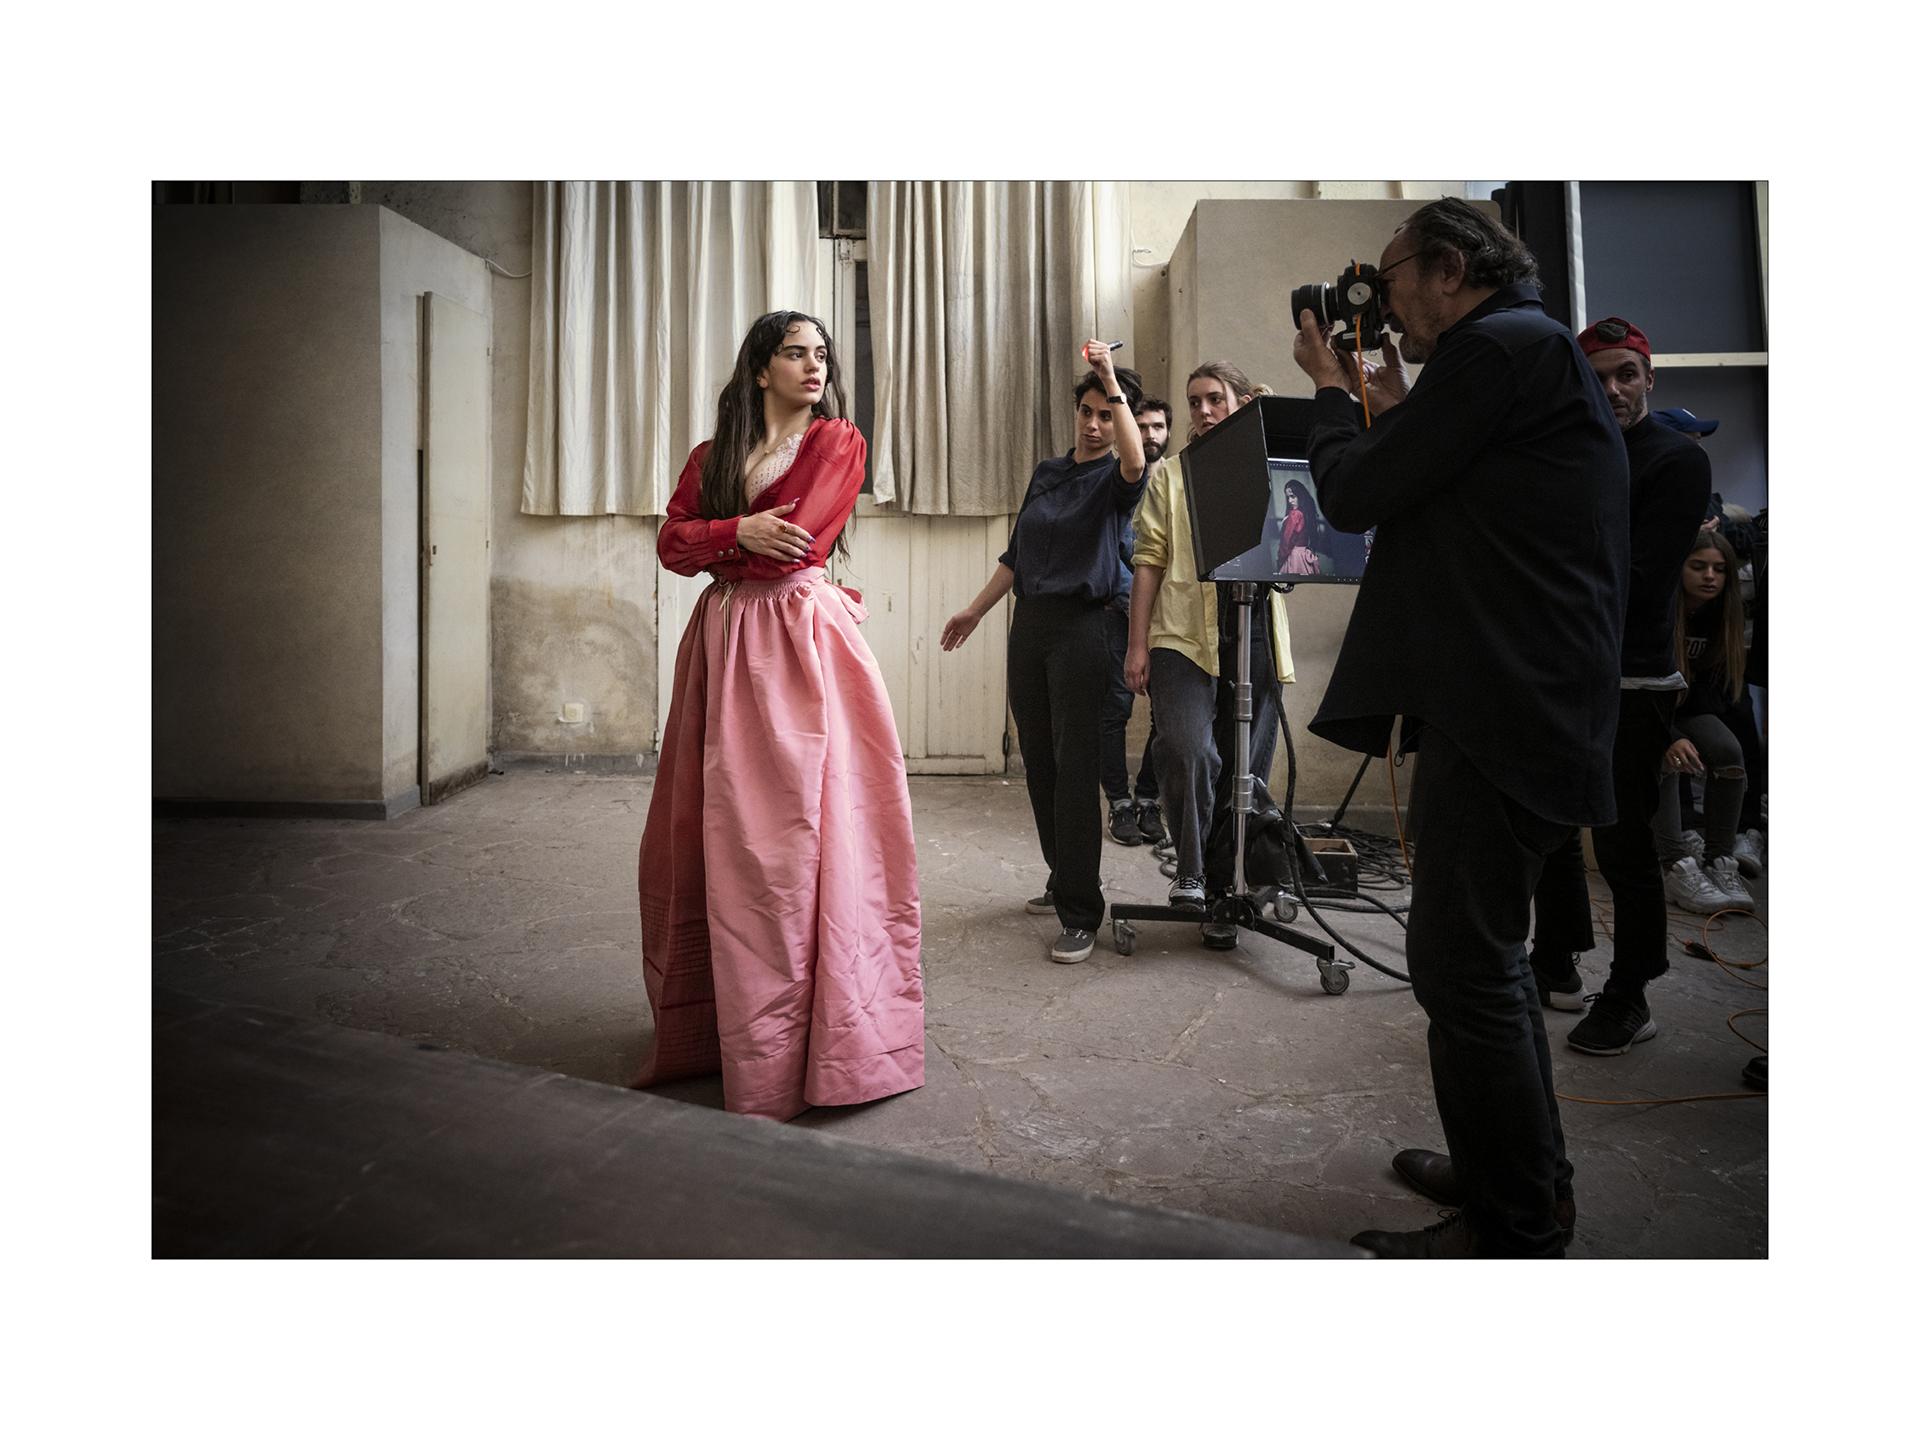 """Las protagonistas de """"Buscando a Julieta"""" fueronconvocadas por el fotógrafo para representar el papel de Julieta en una sesión de fotos en las que se las ve actuar, posar y cantar"""